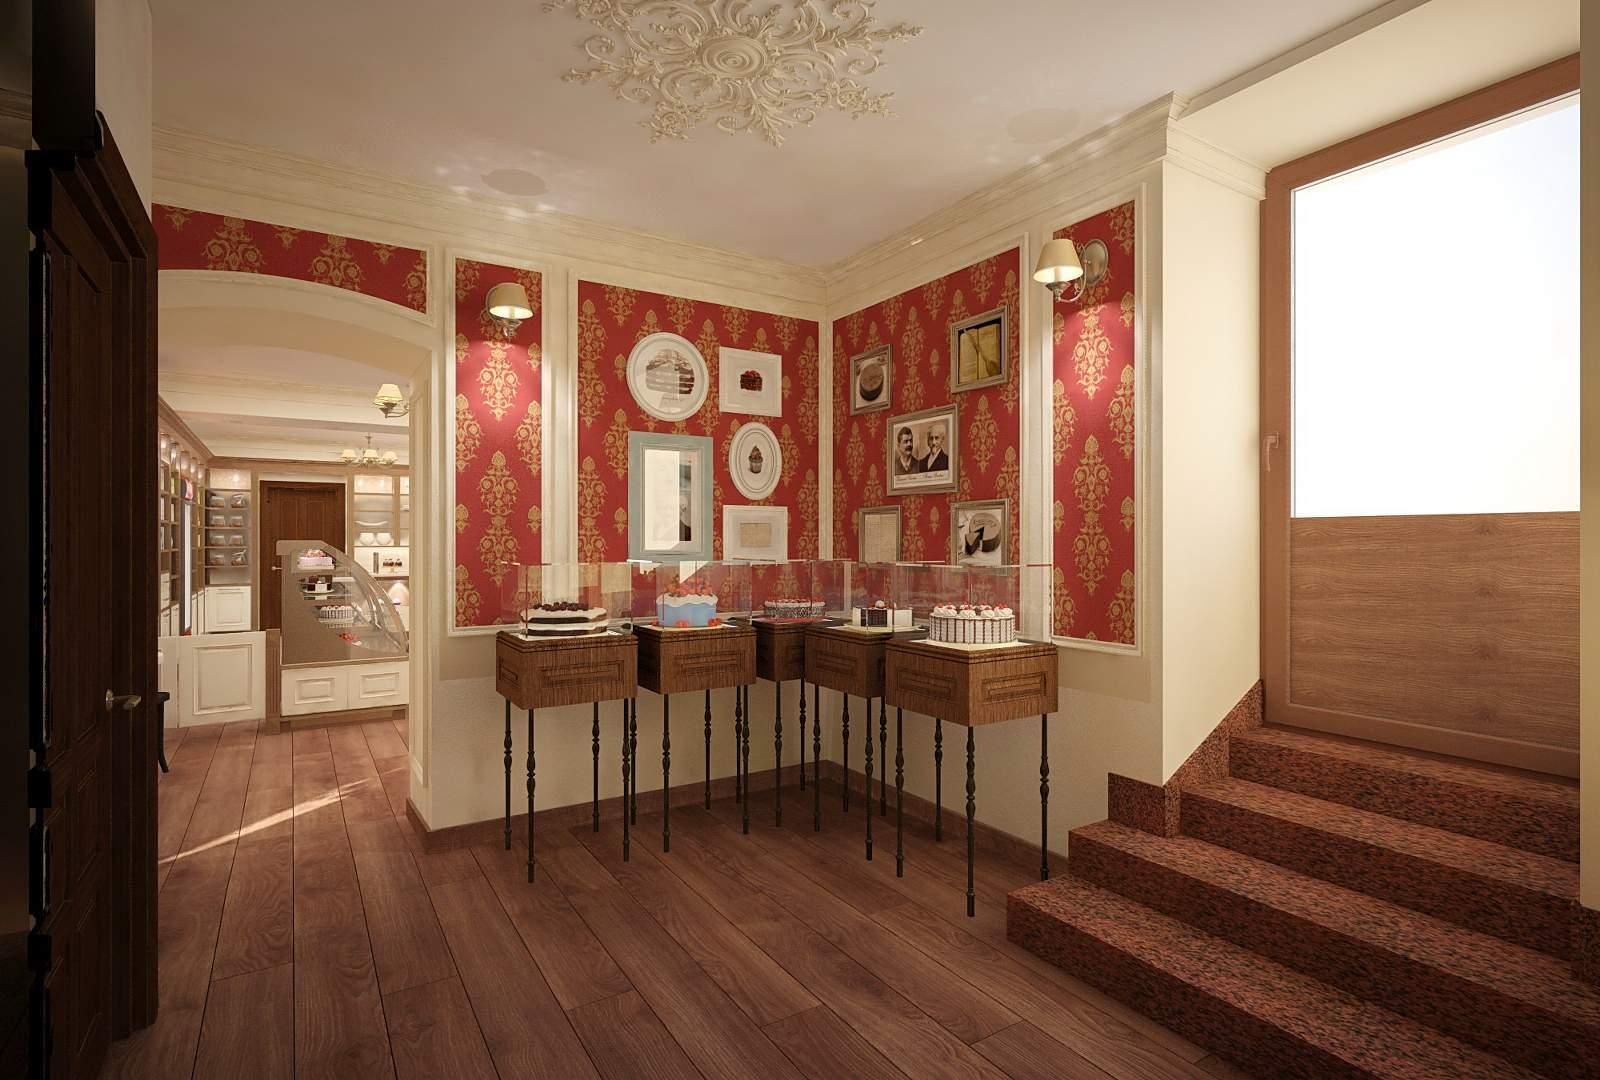 Franz_Sacher_caffe_interior_4_1600x1080_1600x1080